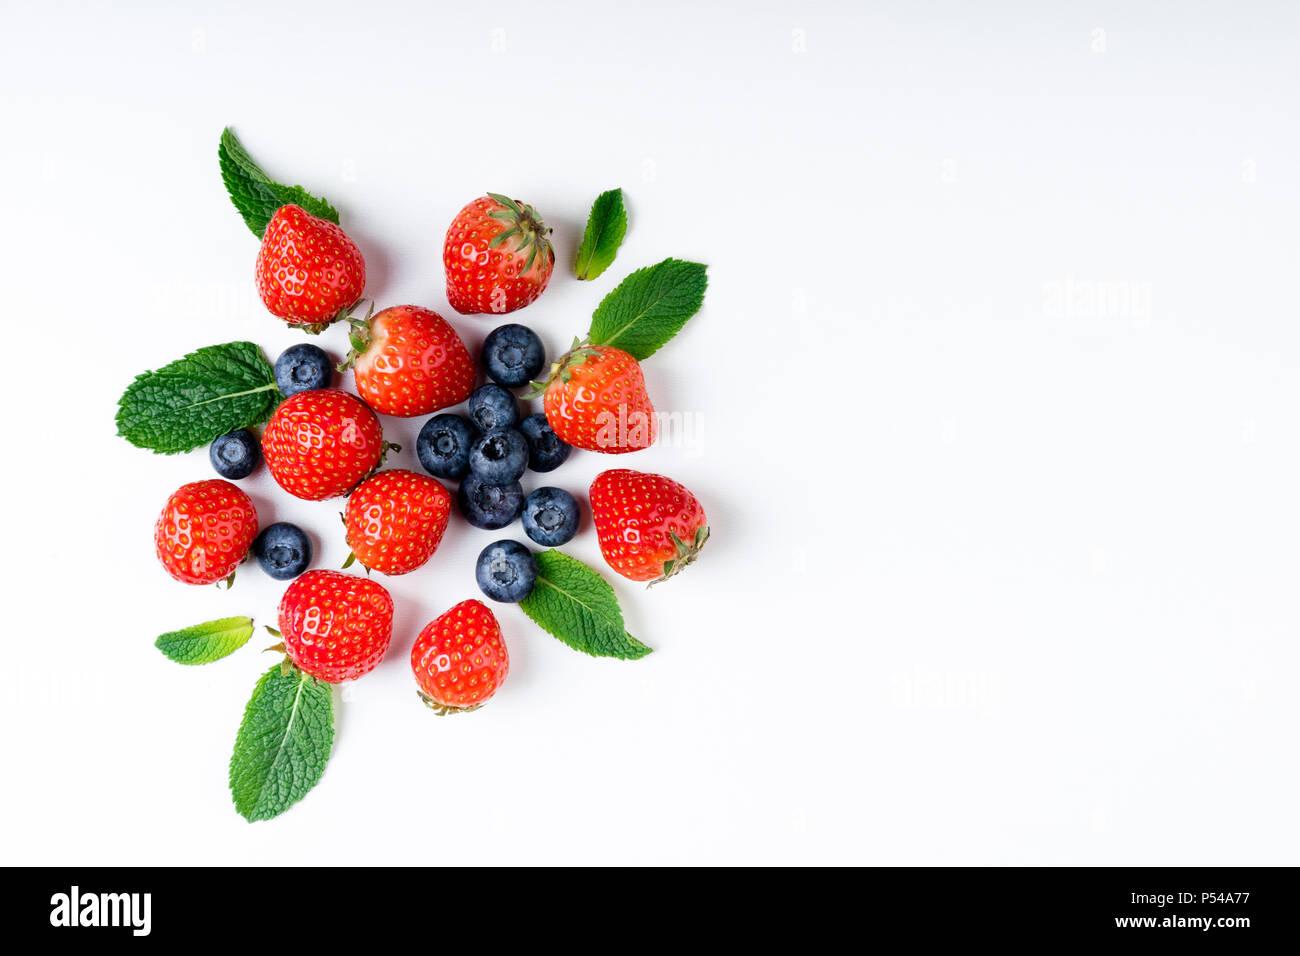 Bayas frescas sobre fondo blanco, vista superior. Las fresas, moras azules y hojas de menta, laicos plana Foto de stock